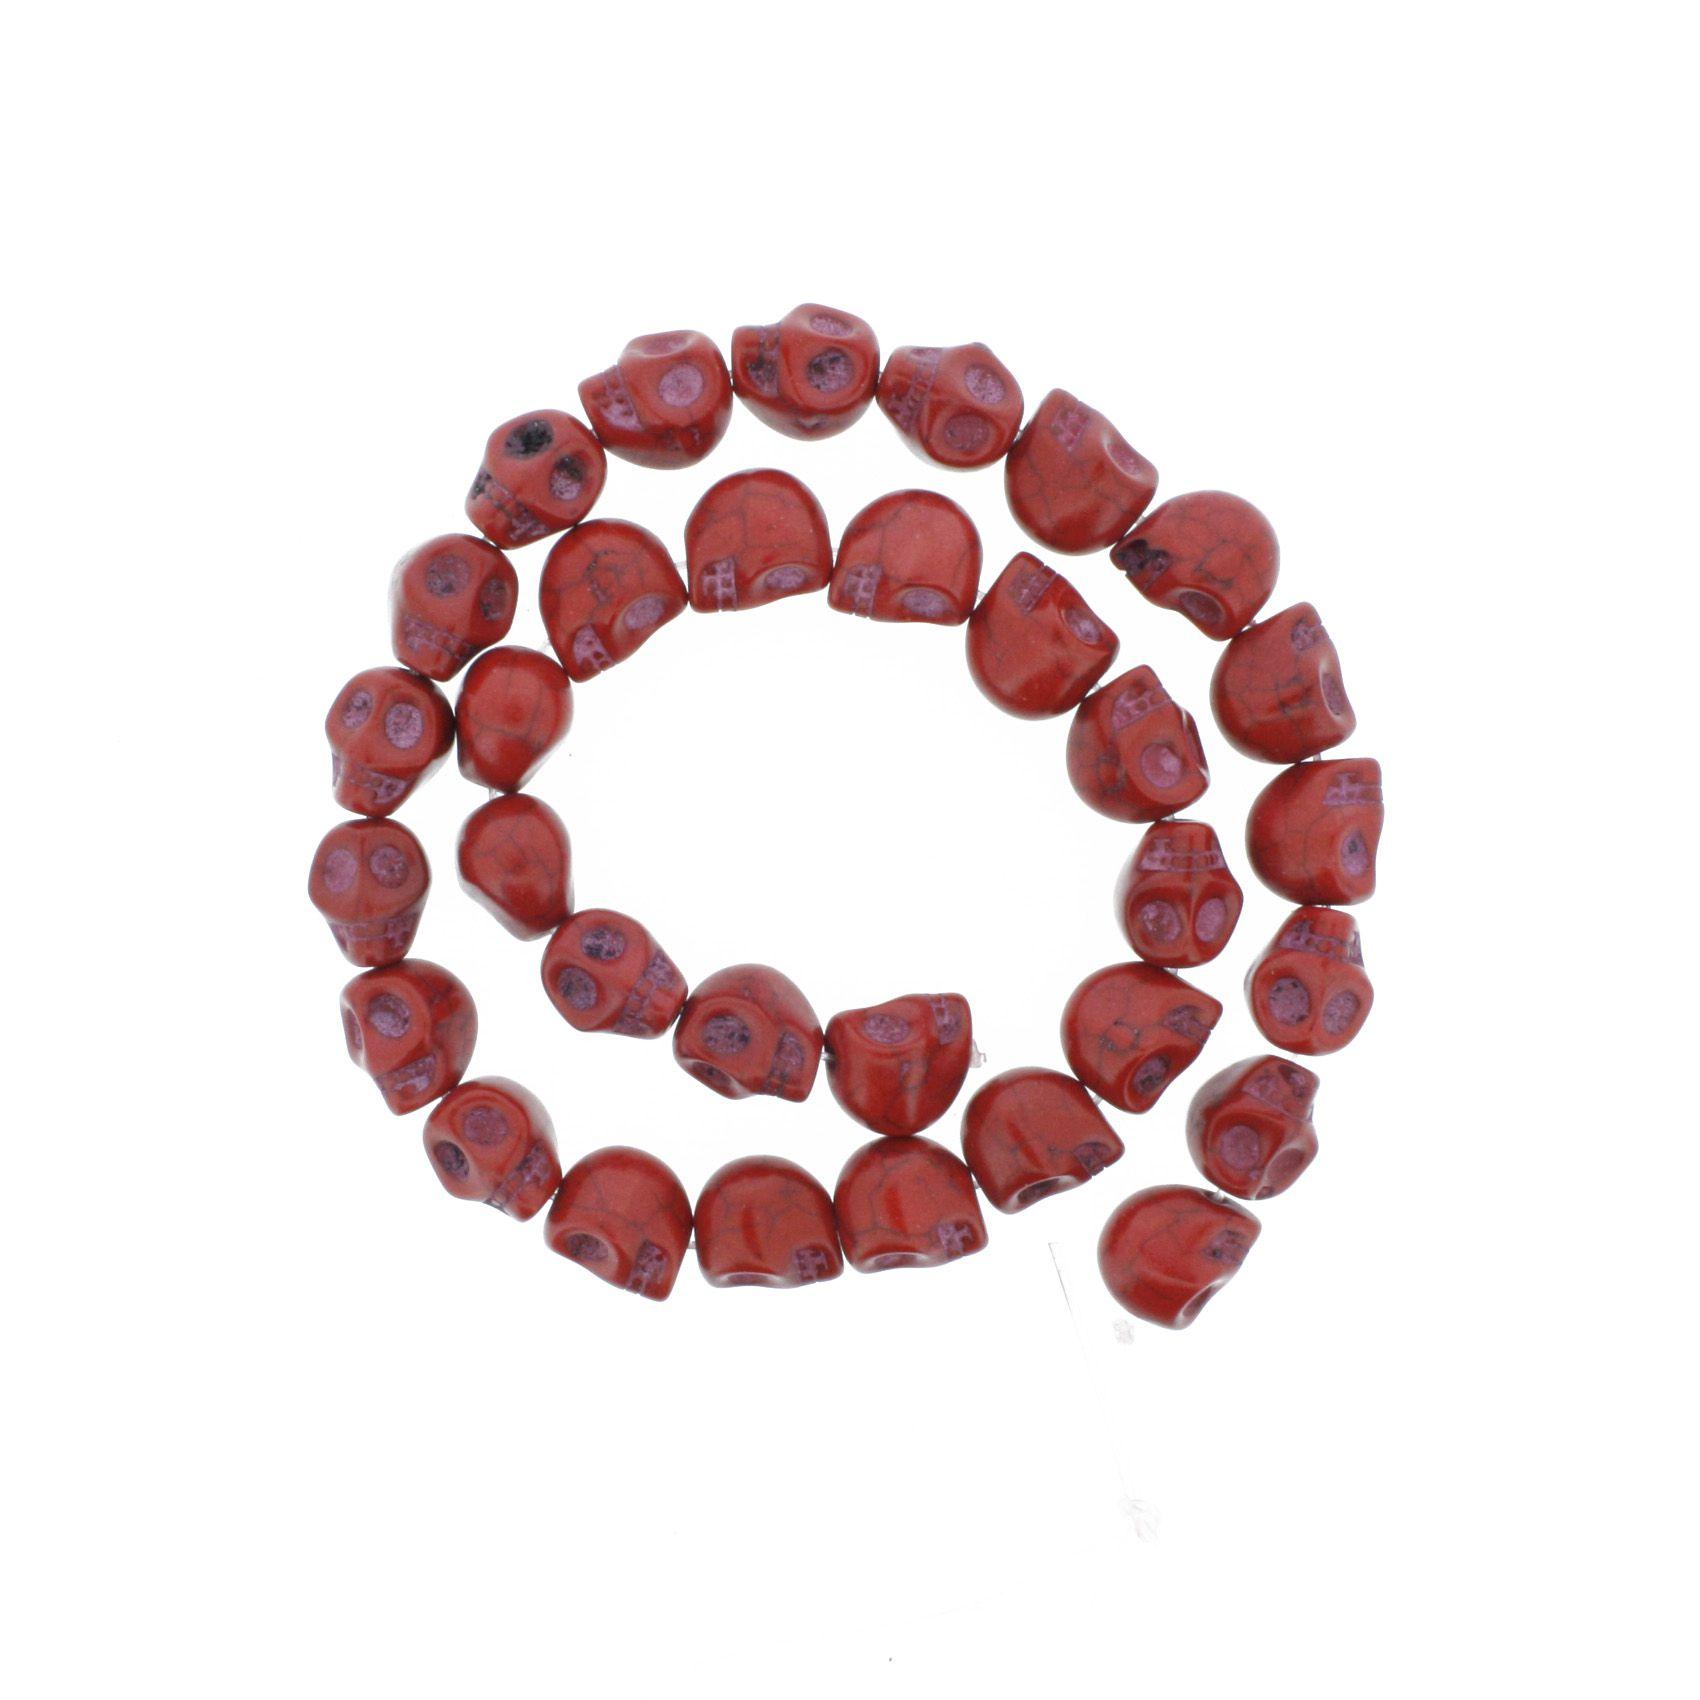 Fio de Caveira de Pedra - Vermelha - Pequena - 12x10mm  - Universo Religioso® - Artigos de Umbanda e Candomblé